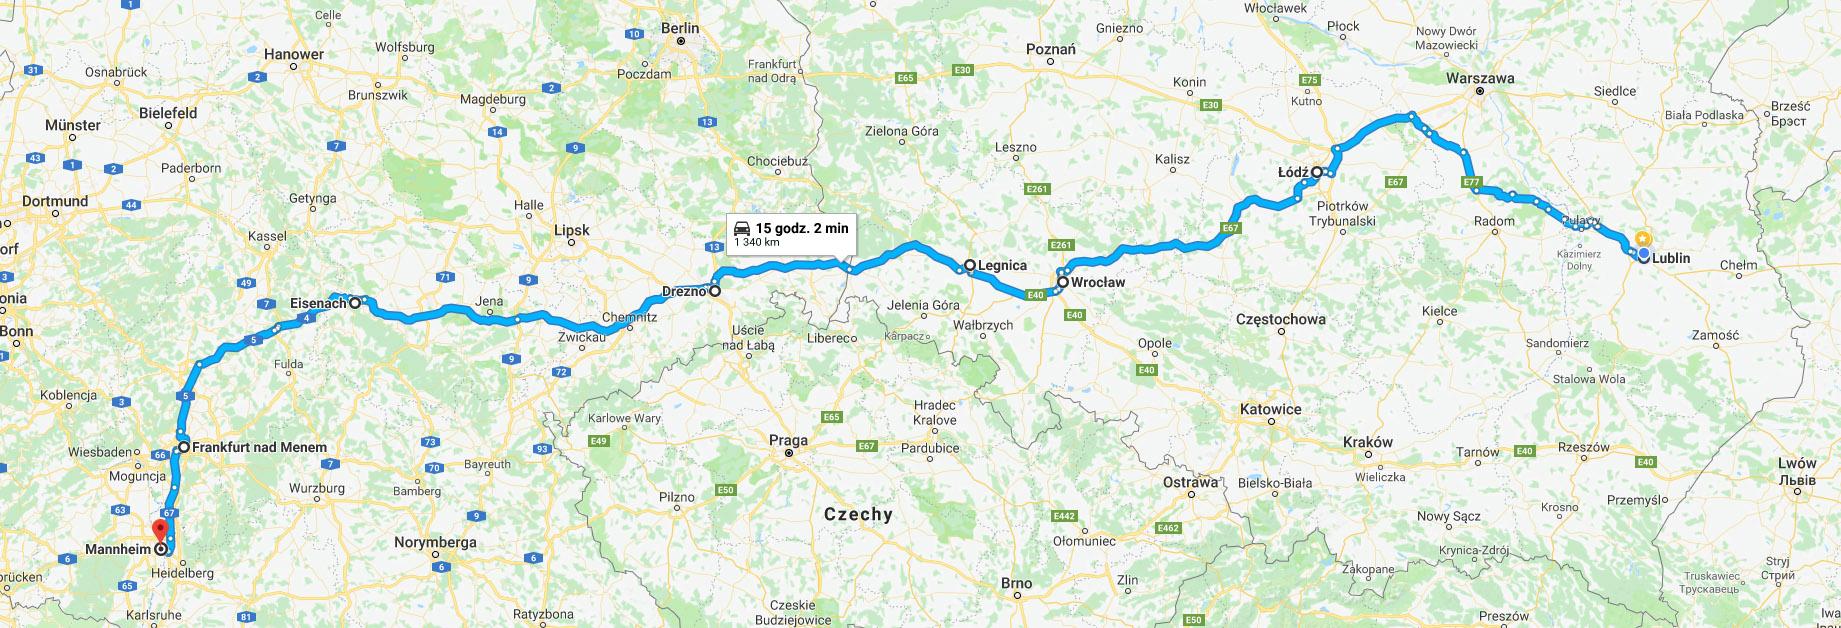 Przebieg trasy Lublin – Mannheim przez Puławy, Kielce i Częstochowę